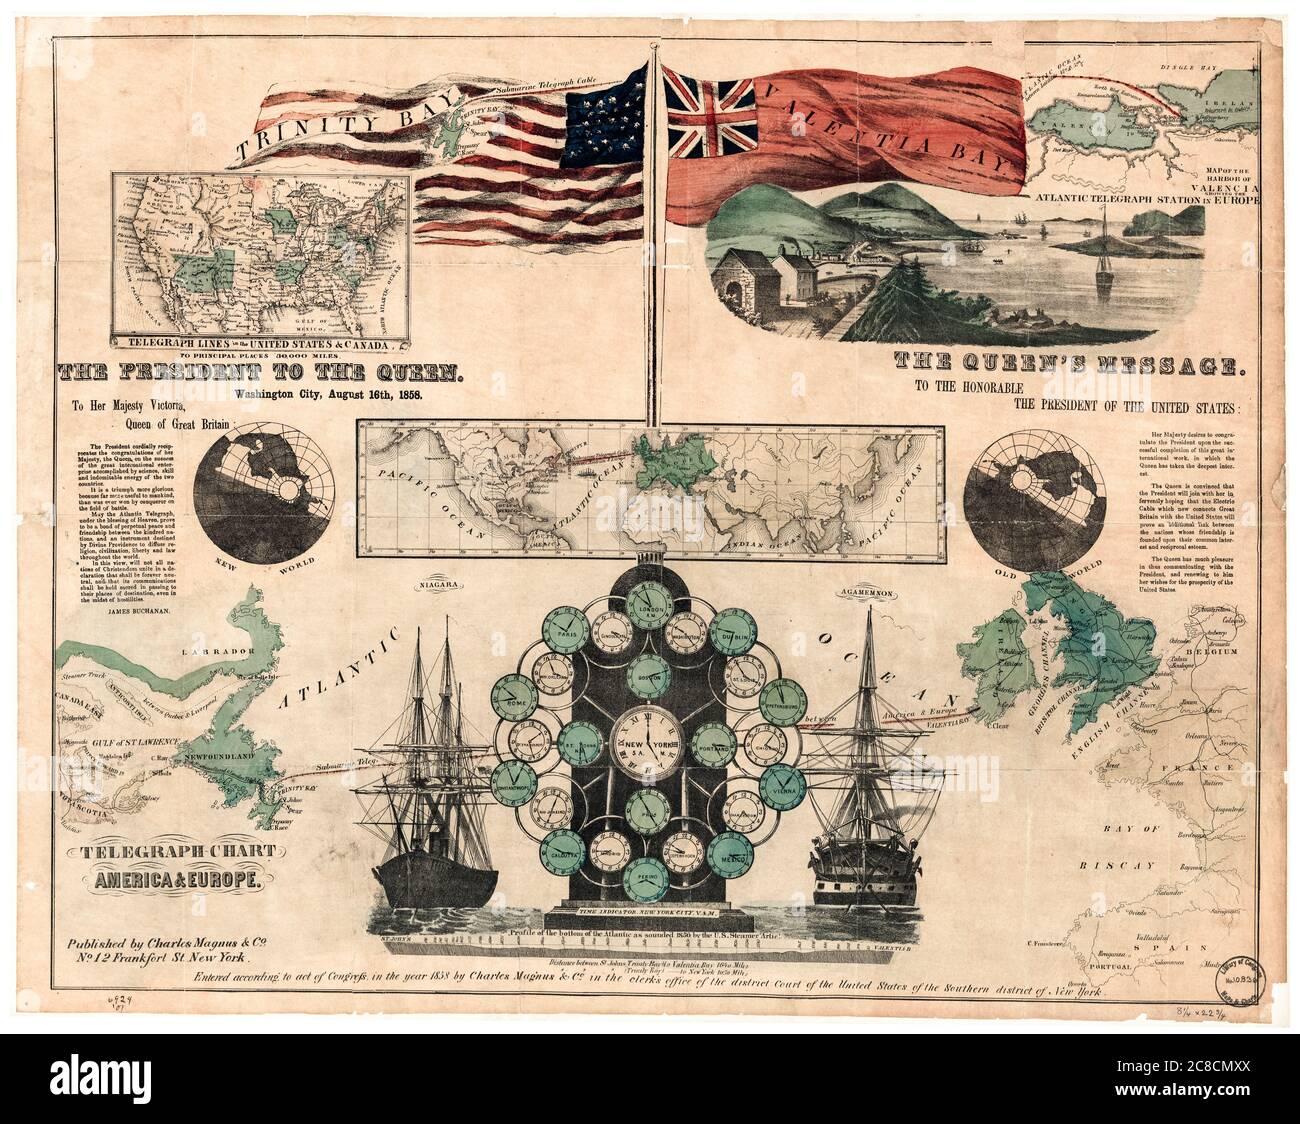 Infografía vintage que muestra la ruta del primer cable telegráfico Transatlántico submarino a través del Océano Atlántico, por Charles Magnus & Co, 16 de agosto de 1858 Foto de stock